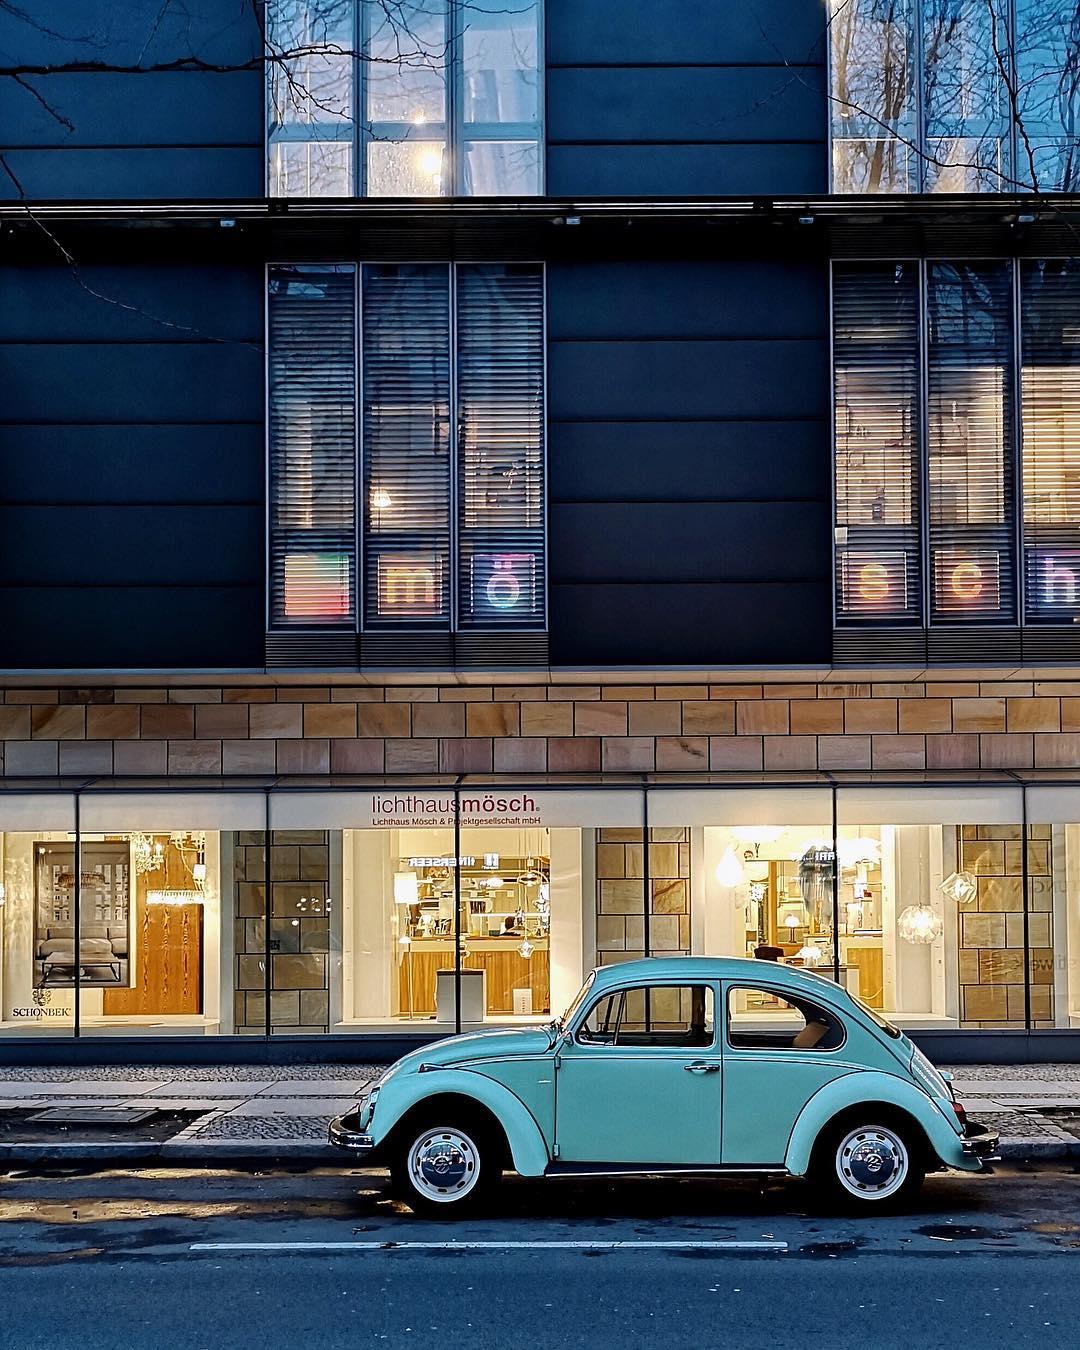 Грегор Клар снимает фасады и автомобили на улицах немецких городов